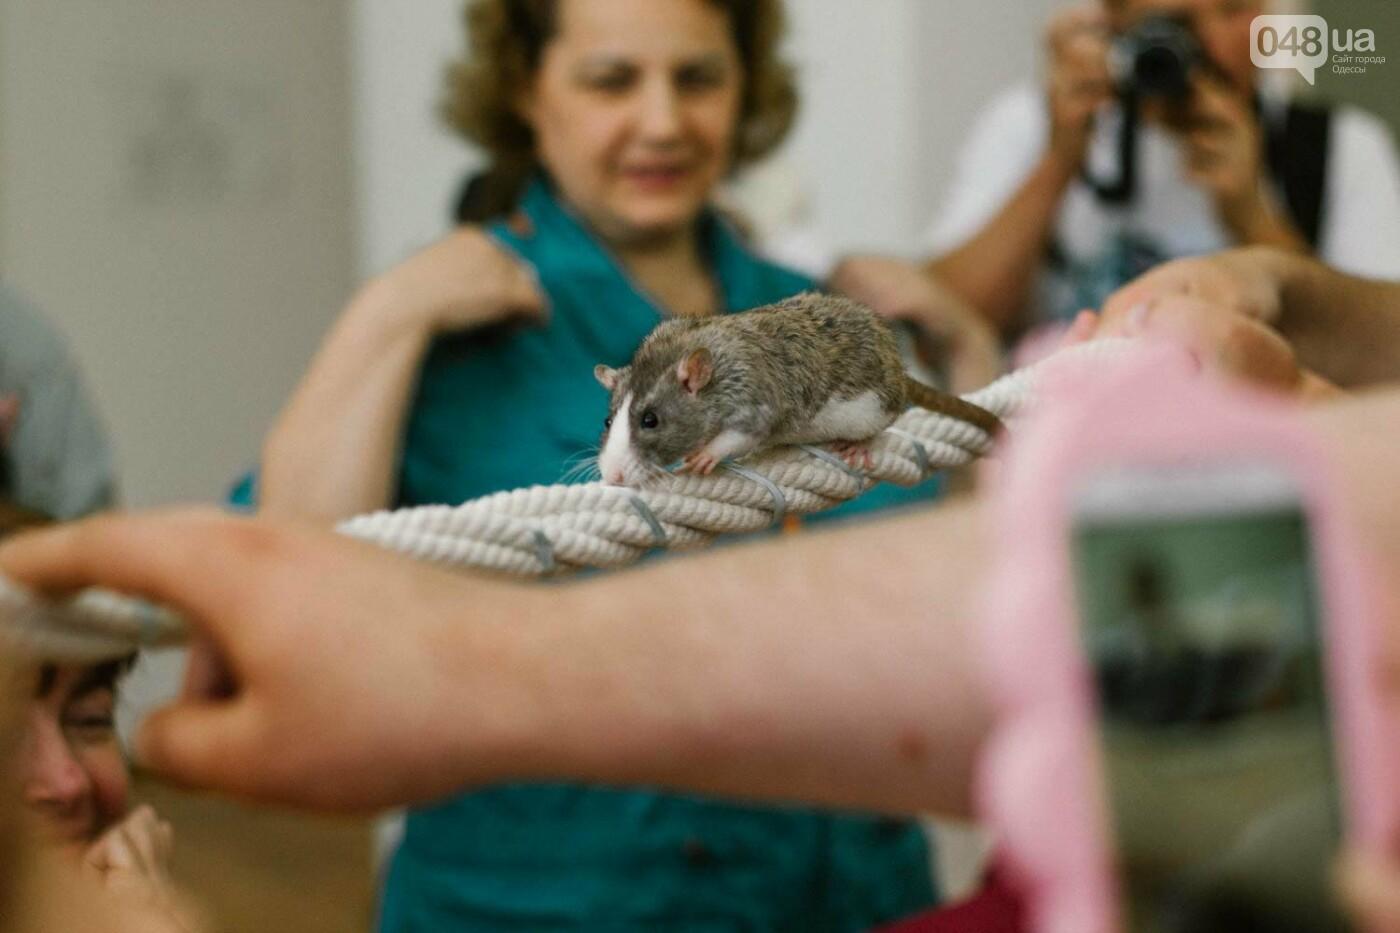 Канатоходцы, бегуны и модники: в Одессе крысам устроили необычный конкурс, - ФОТО, фото-2